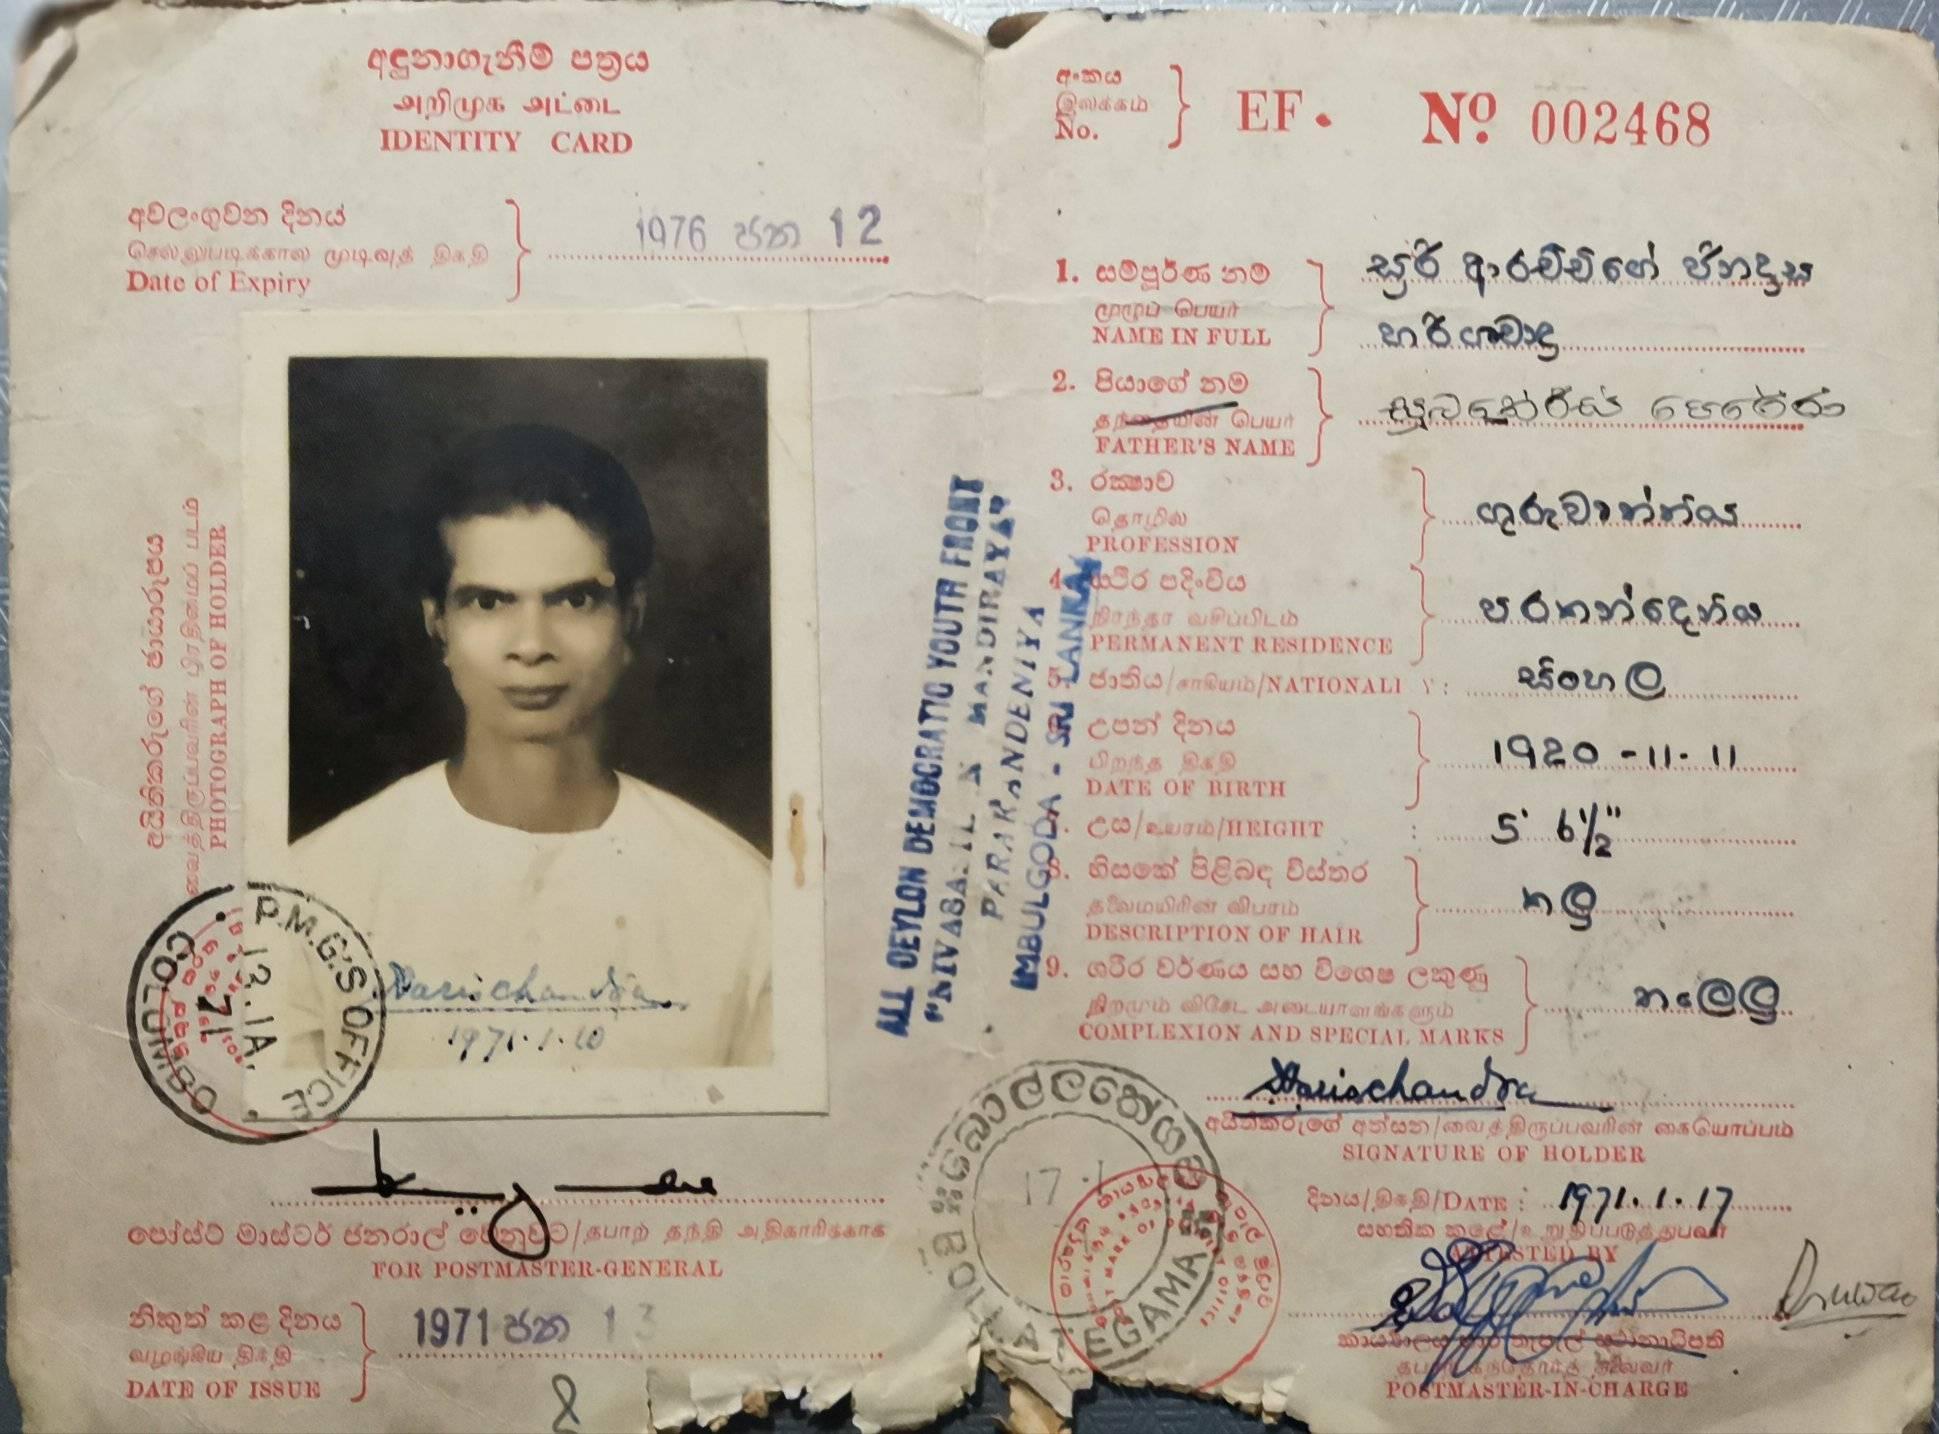 Mr Suriyaarachchige Jinadasa Harischandra